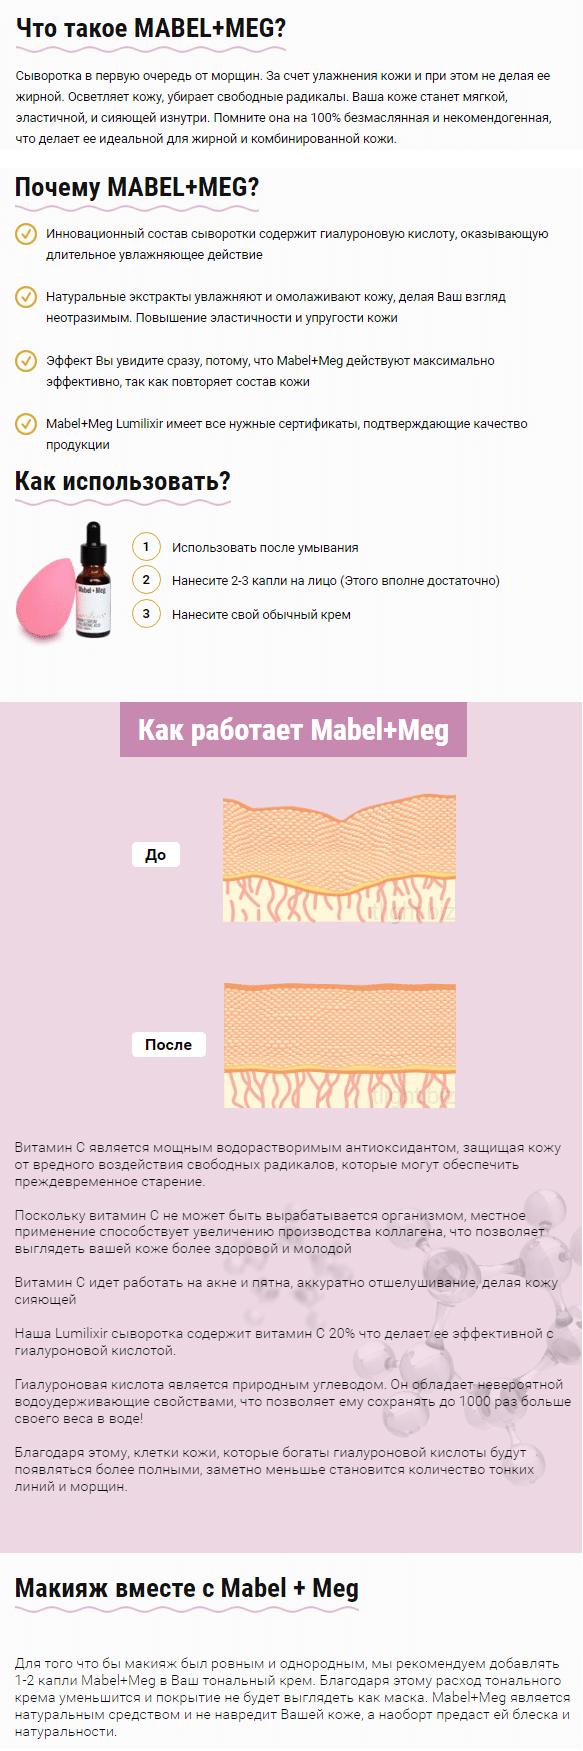 Mabel+Meg Lumilixir - сыворотка от морщин купить